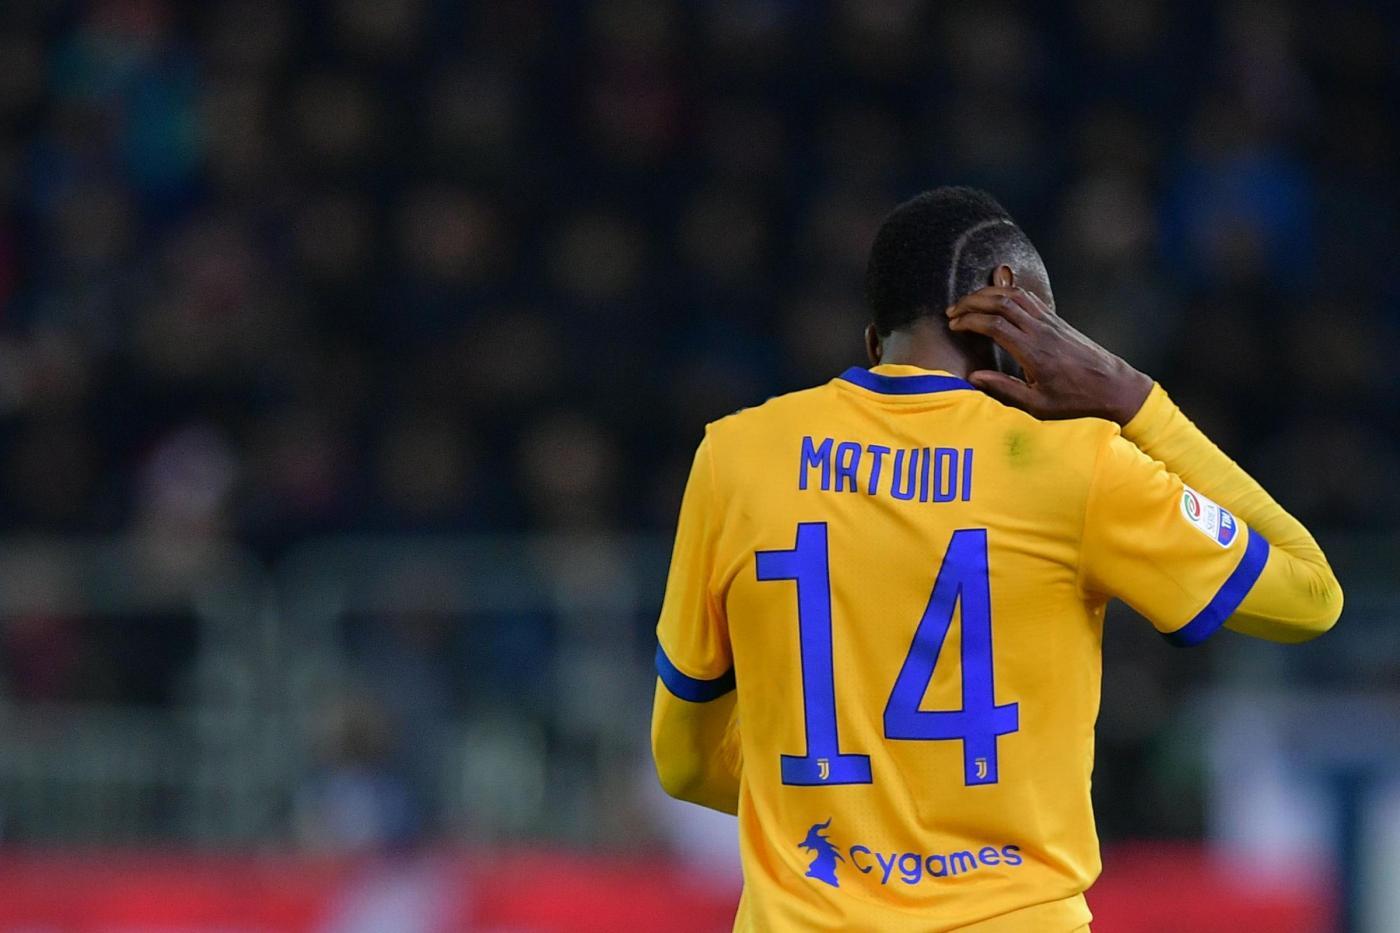 Matuidi risponde agli insulti razzisti: